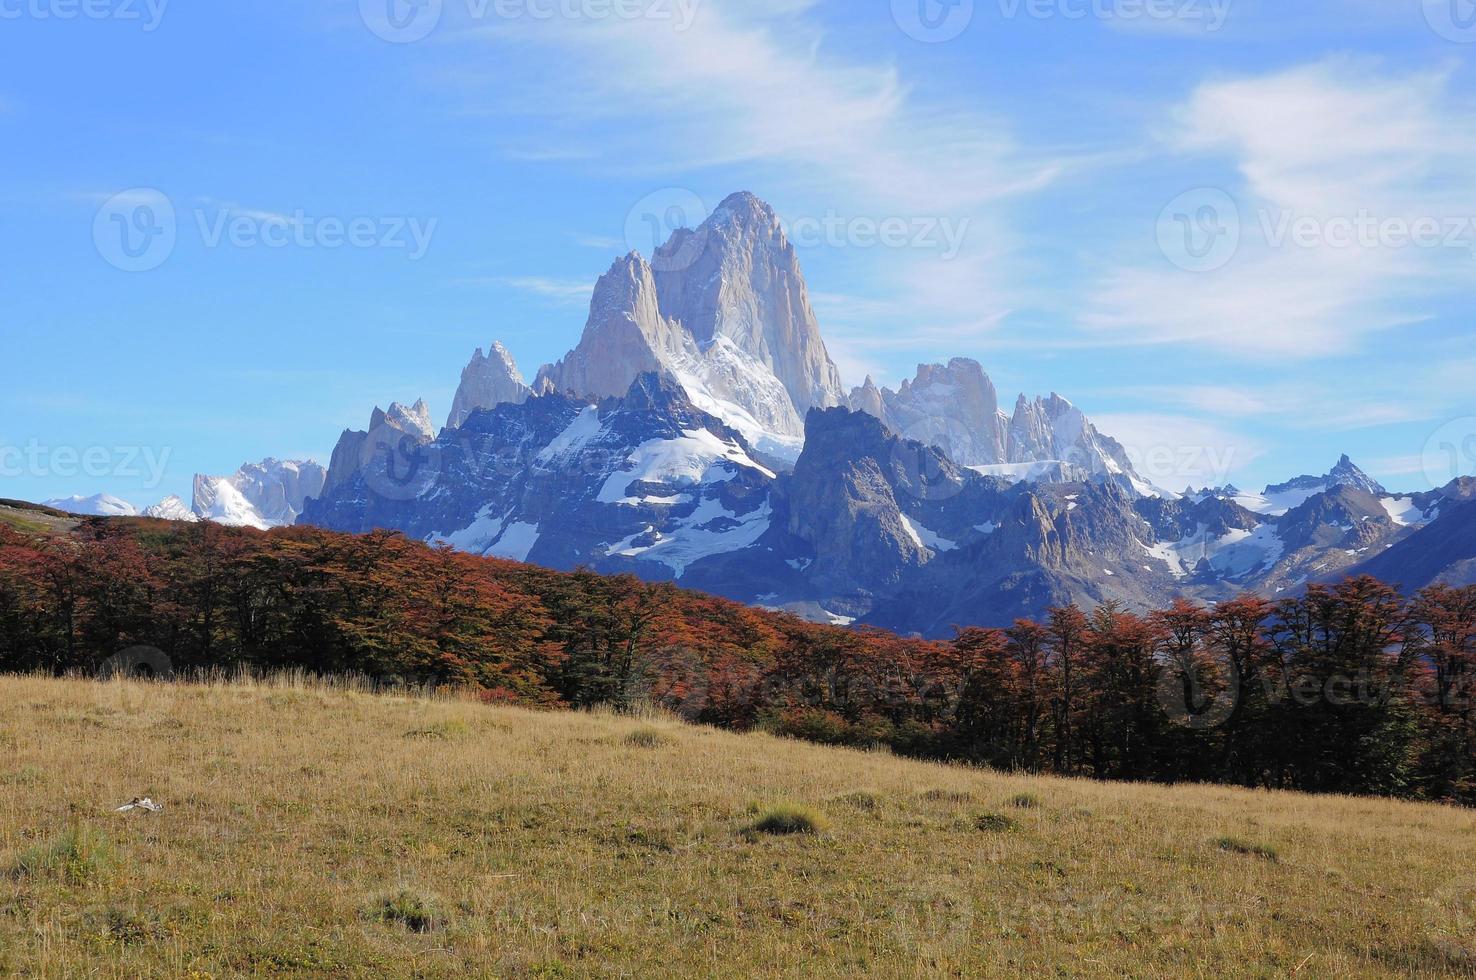 montaña fitz roy. foto